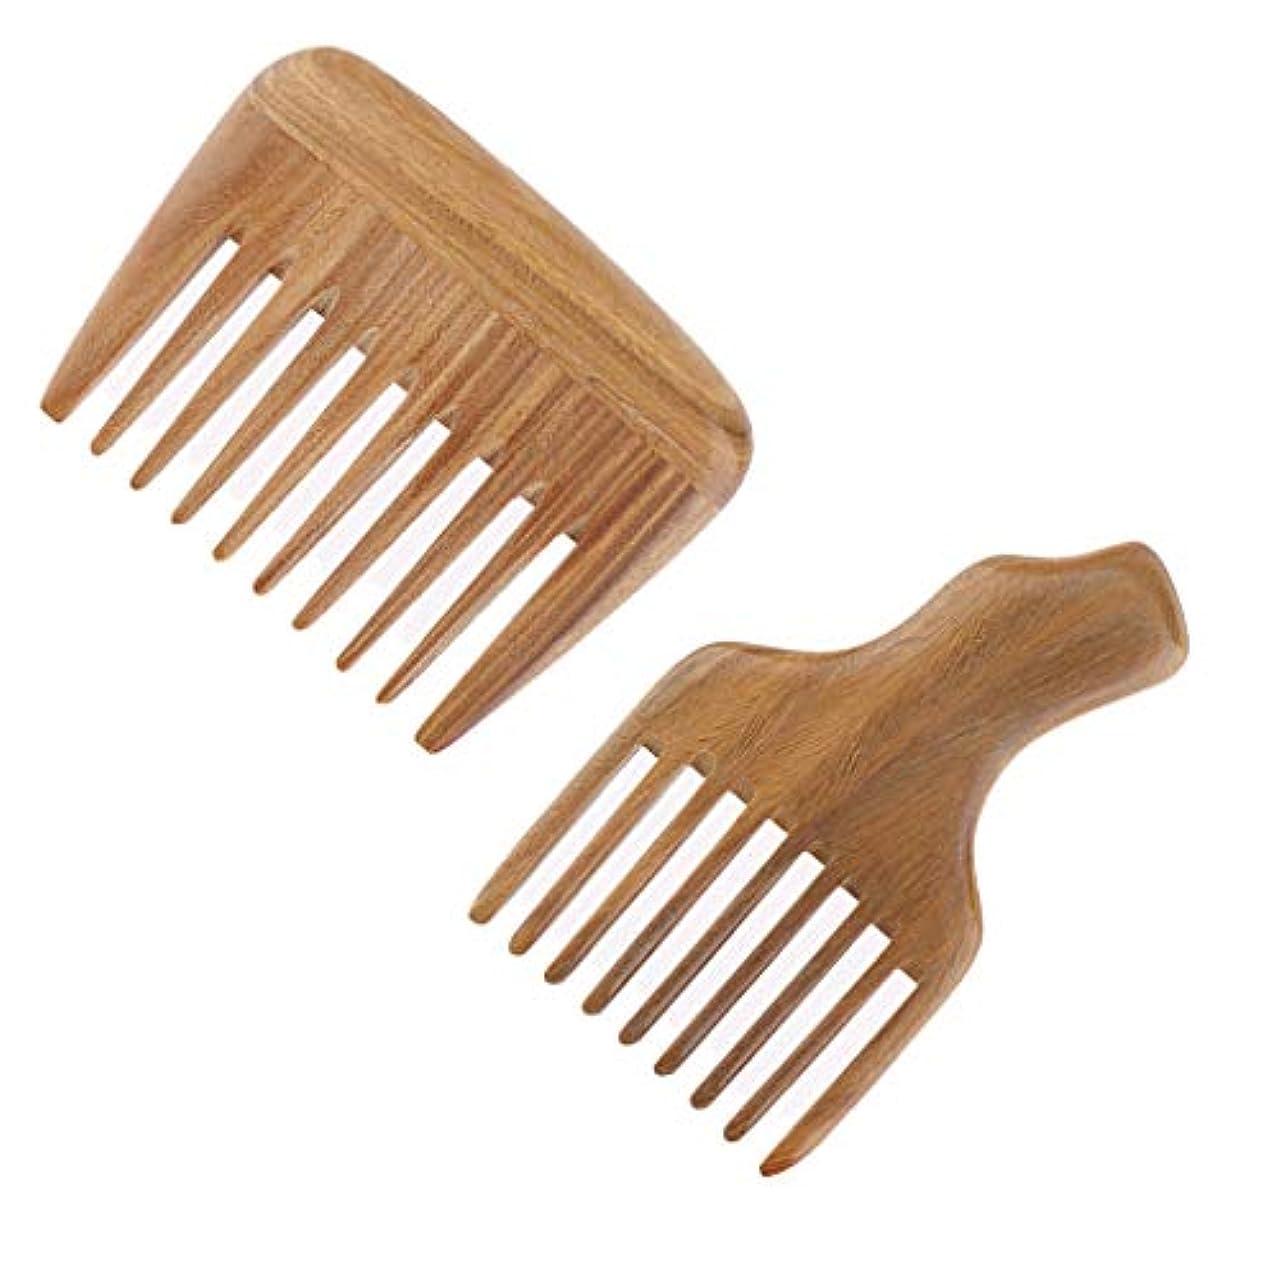 規範年齢美容師2個入り ヘアコーム 木製 ヘアブラシ 櫛